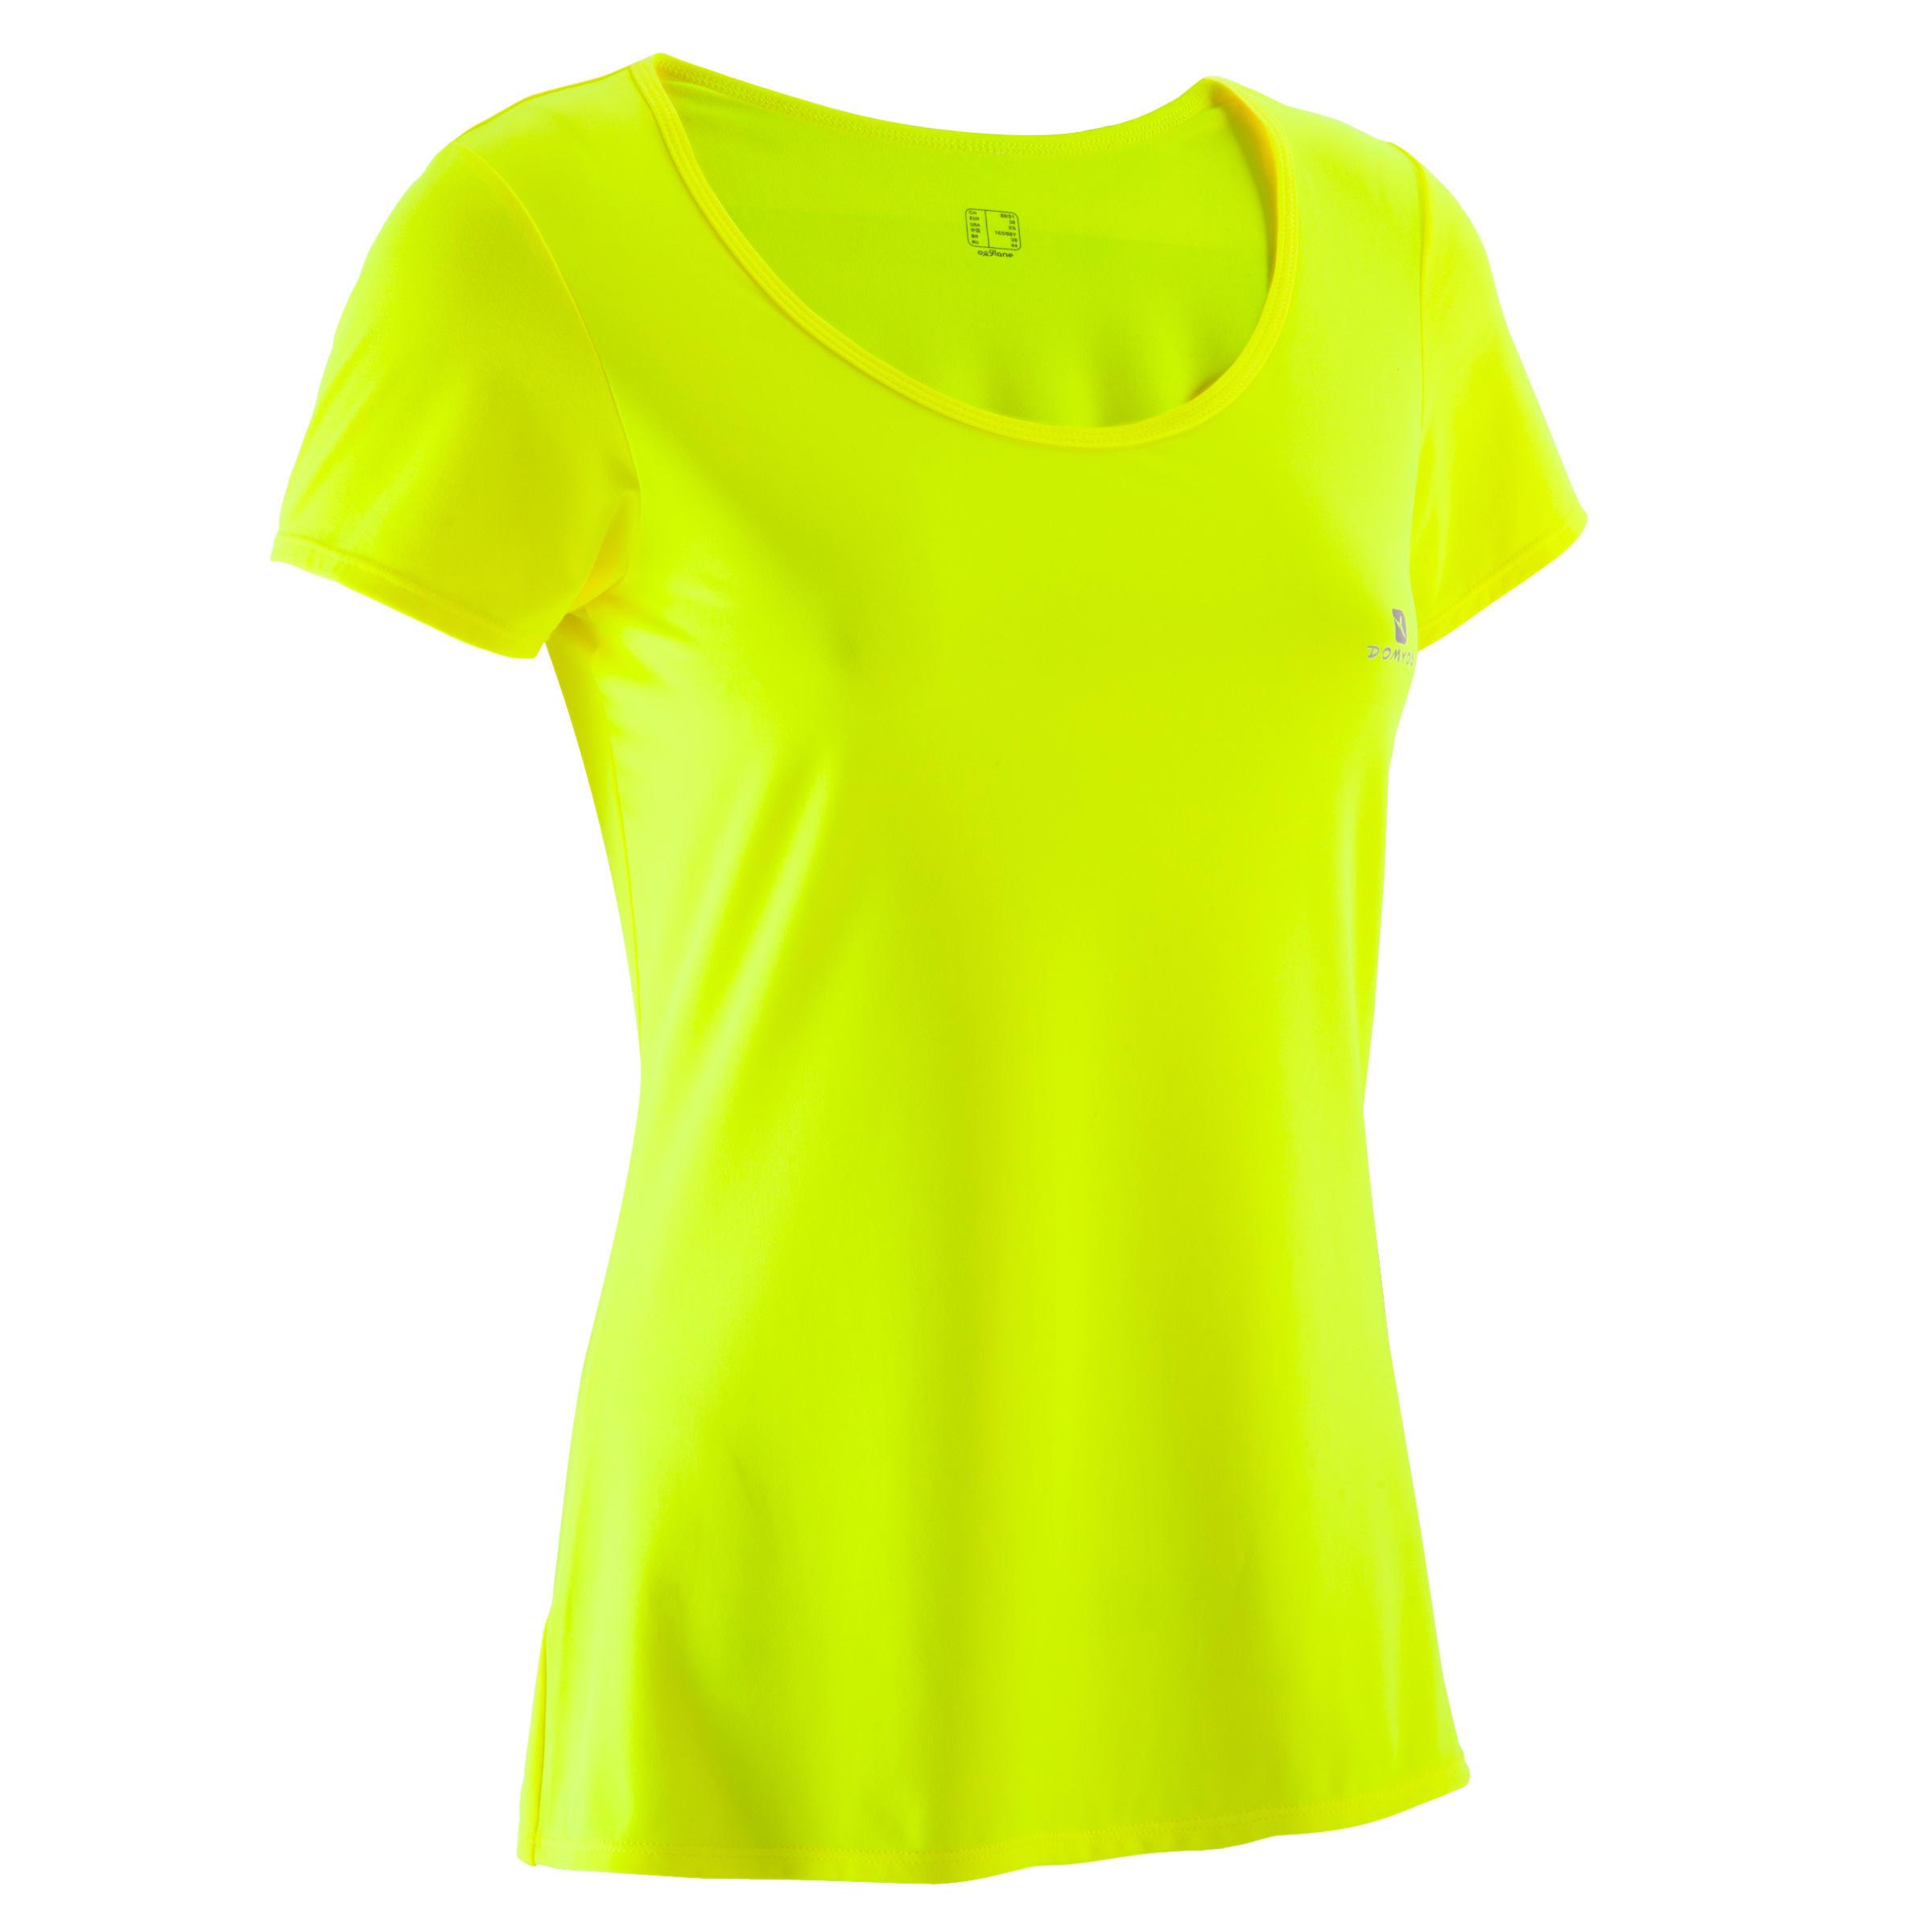 Tee Shirt Jaune Fluo Femme